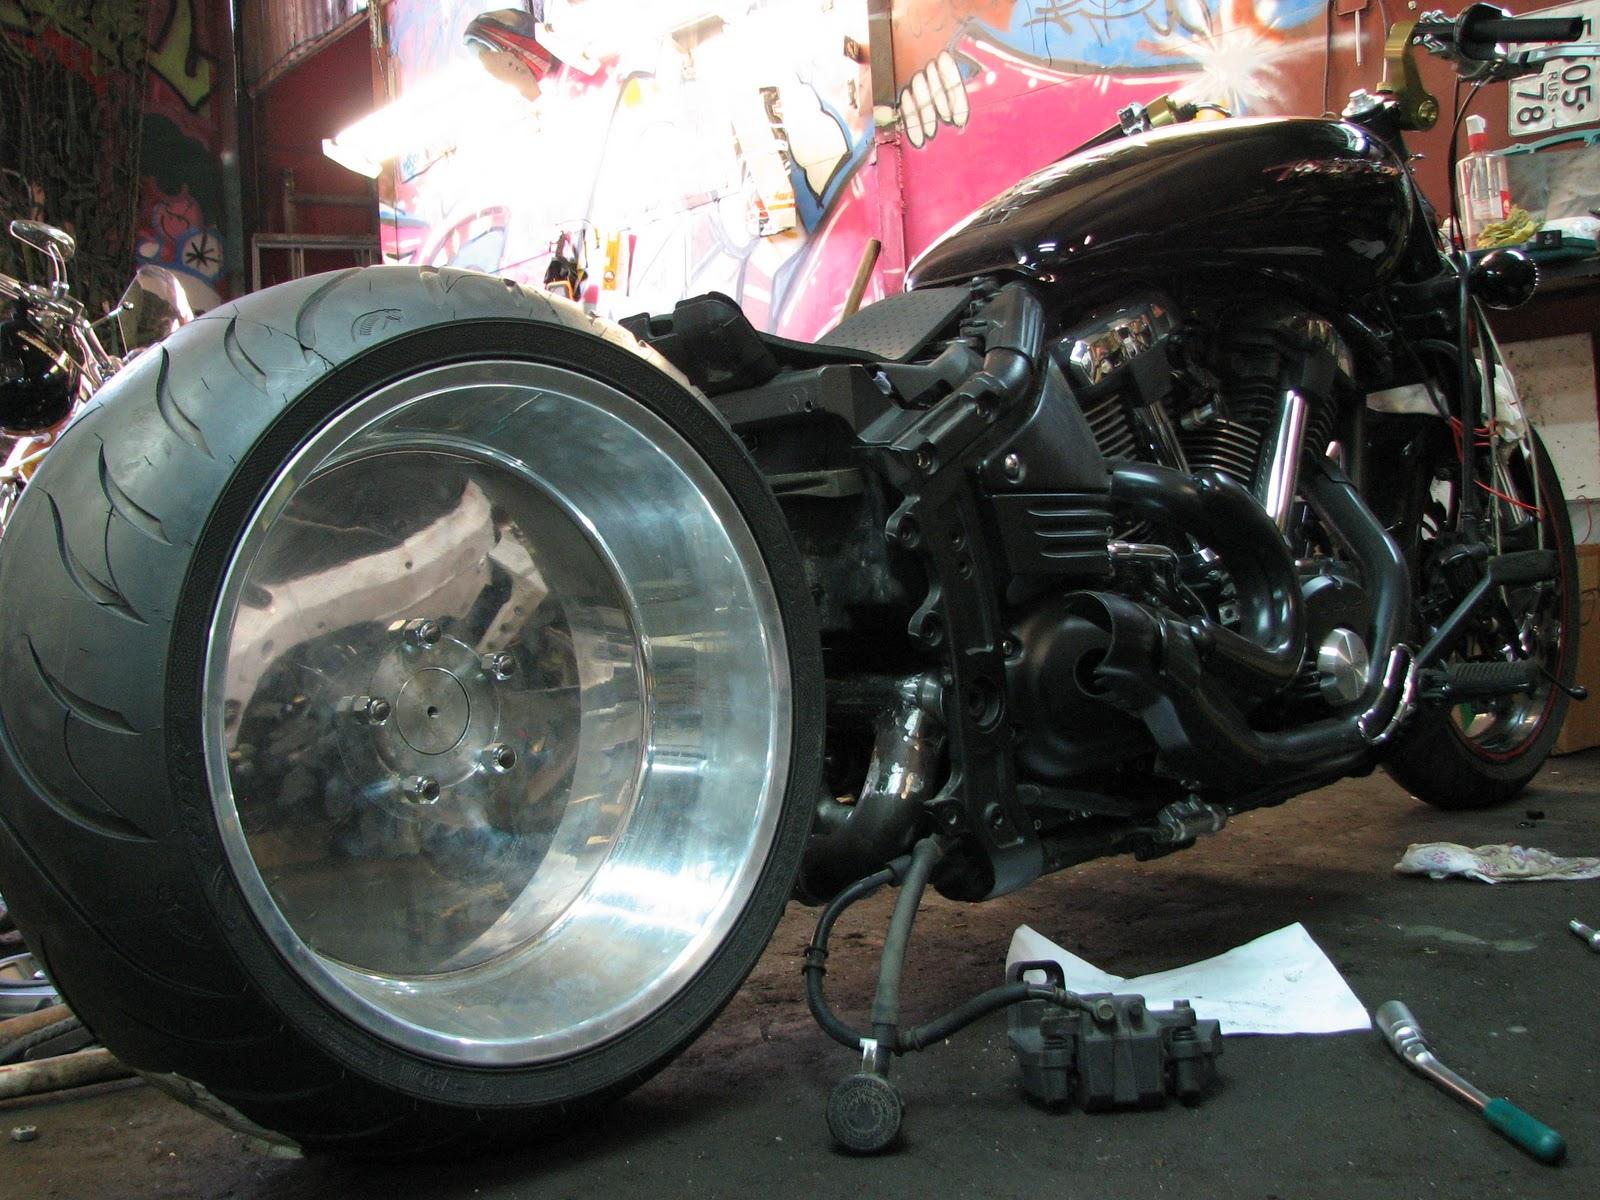 big-yamaha-star-midnight-warrior-2012-228715 Yamaha Road Star Warrior